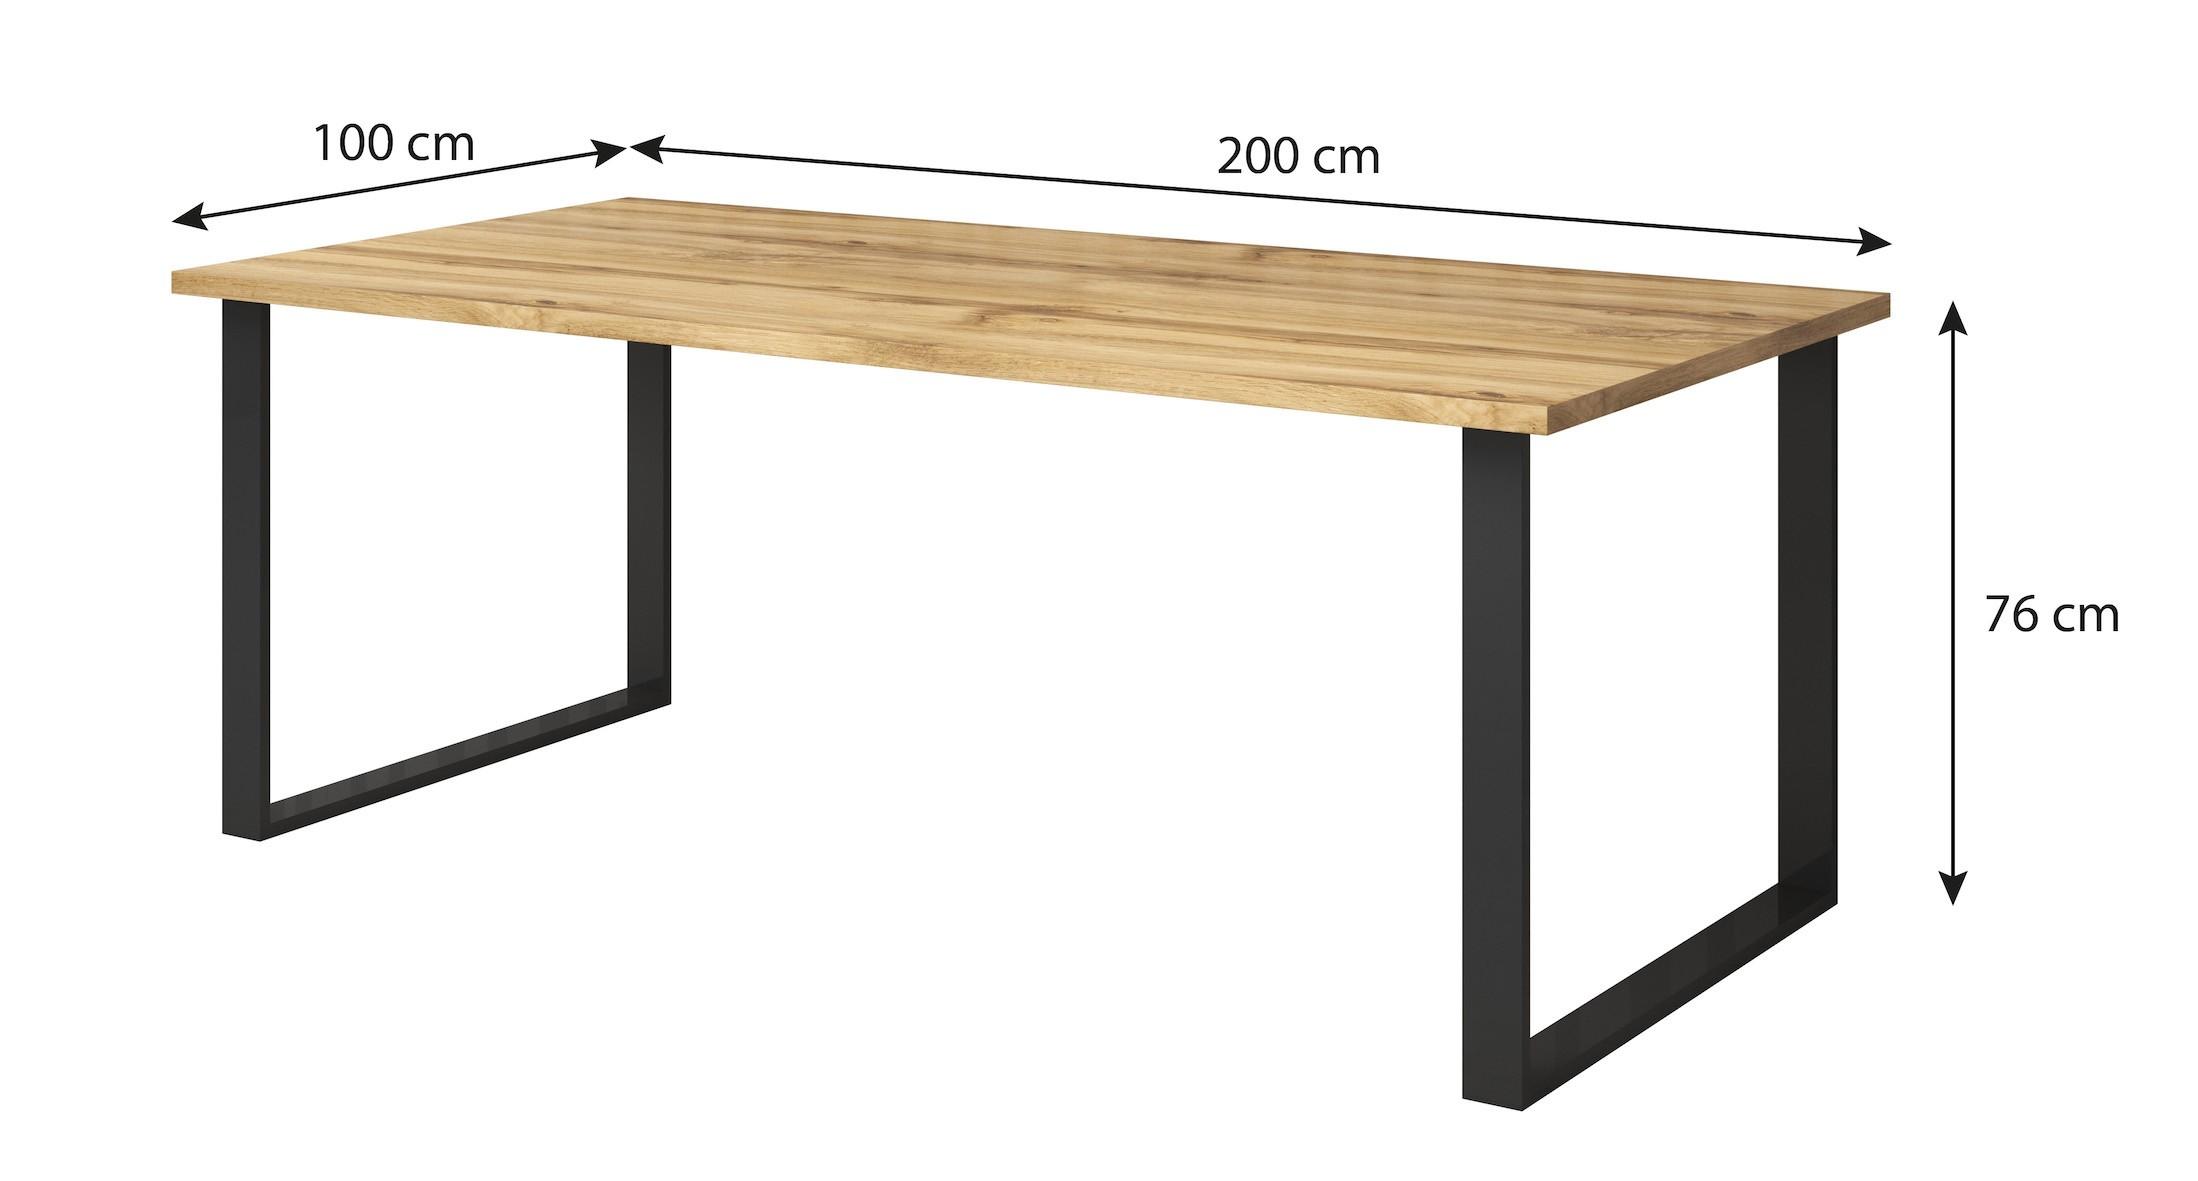 Eettafel Wit 200 Cm.Eetkamertafel Harlow Eiken Zwart 200 Cm Meubella